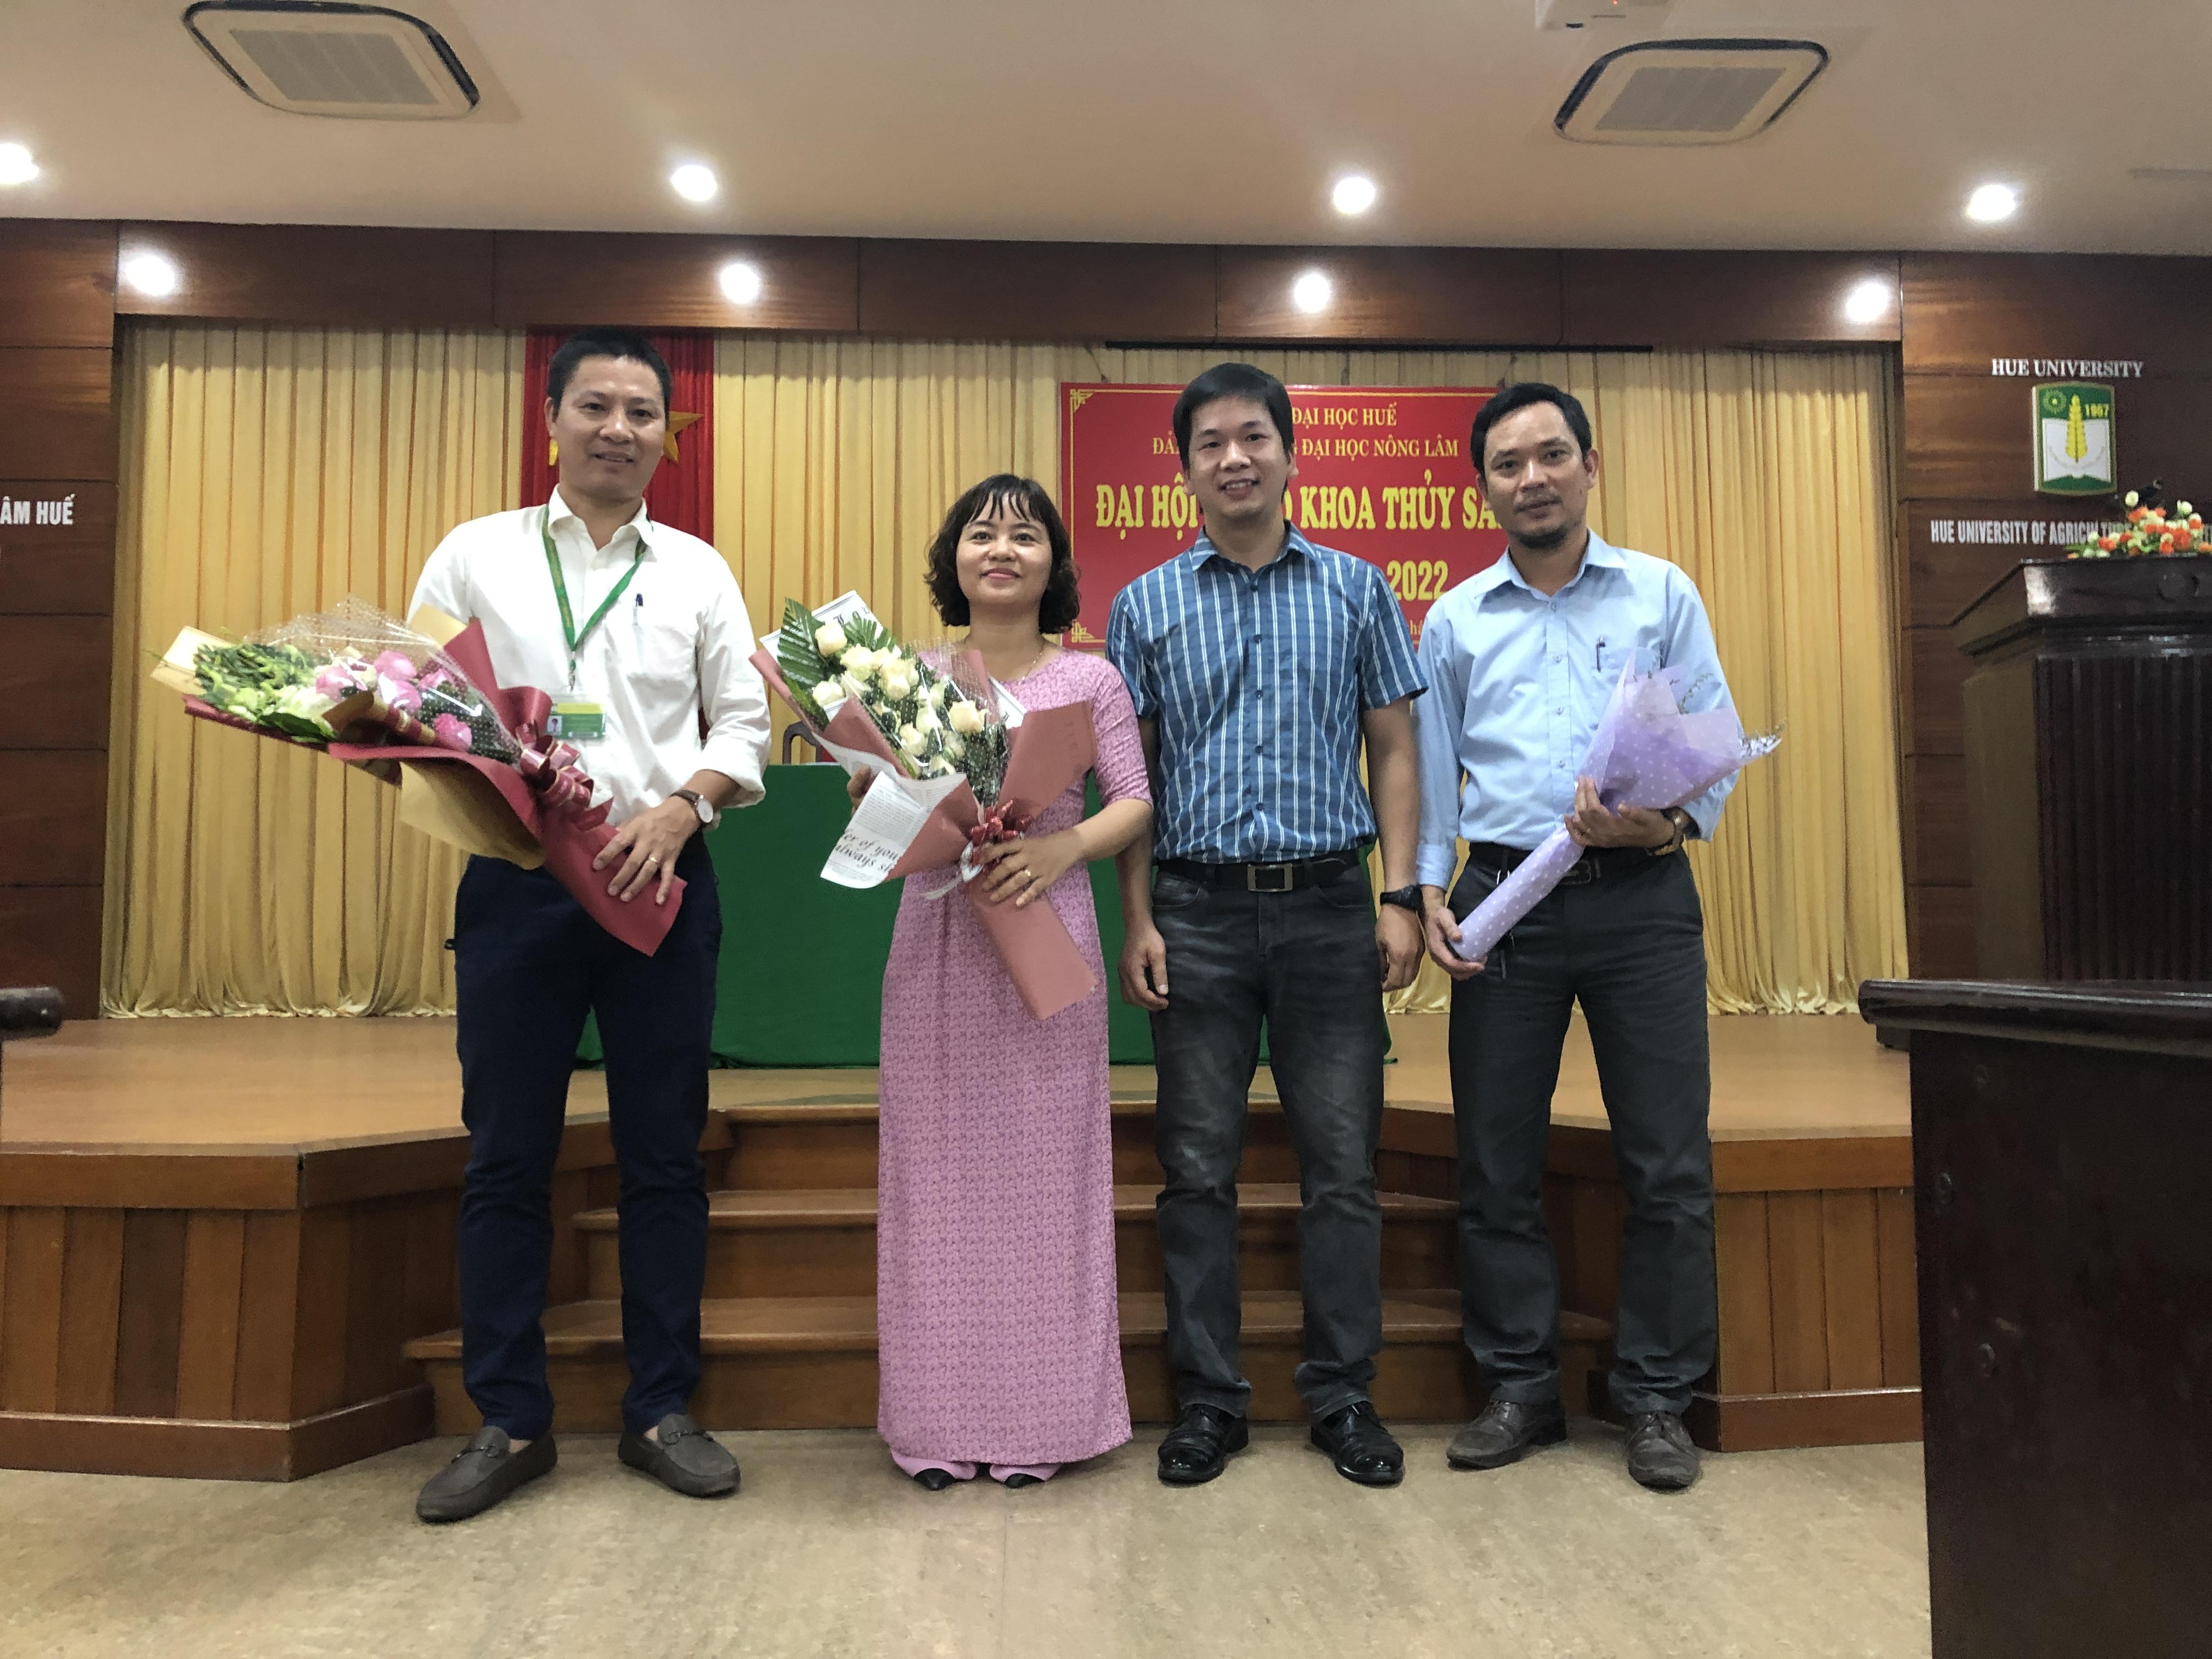 Đại diện Chi đoàn CBGV tặng hoa chúc mừng Chi ủy nhiệm kỳ mới